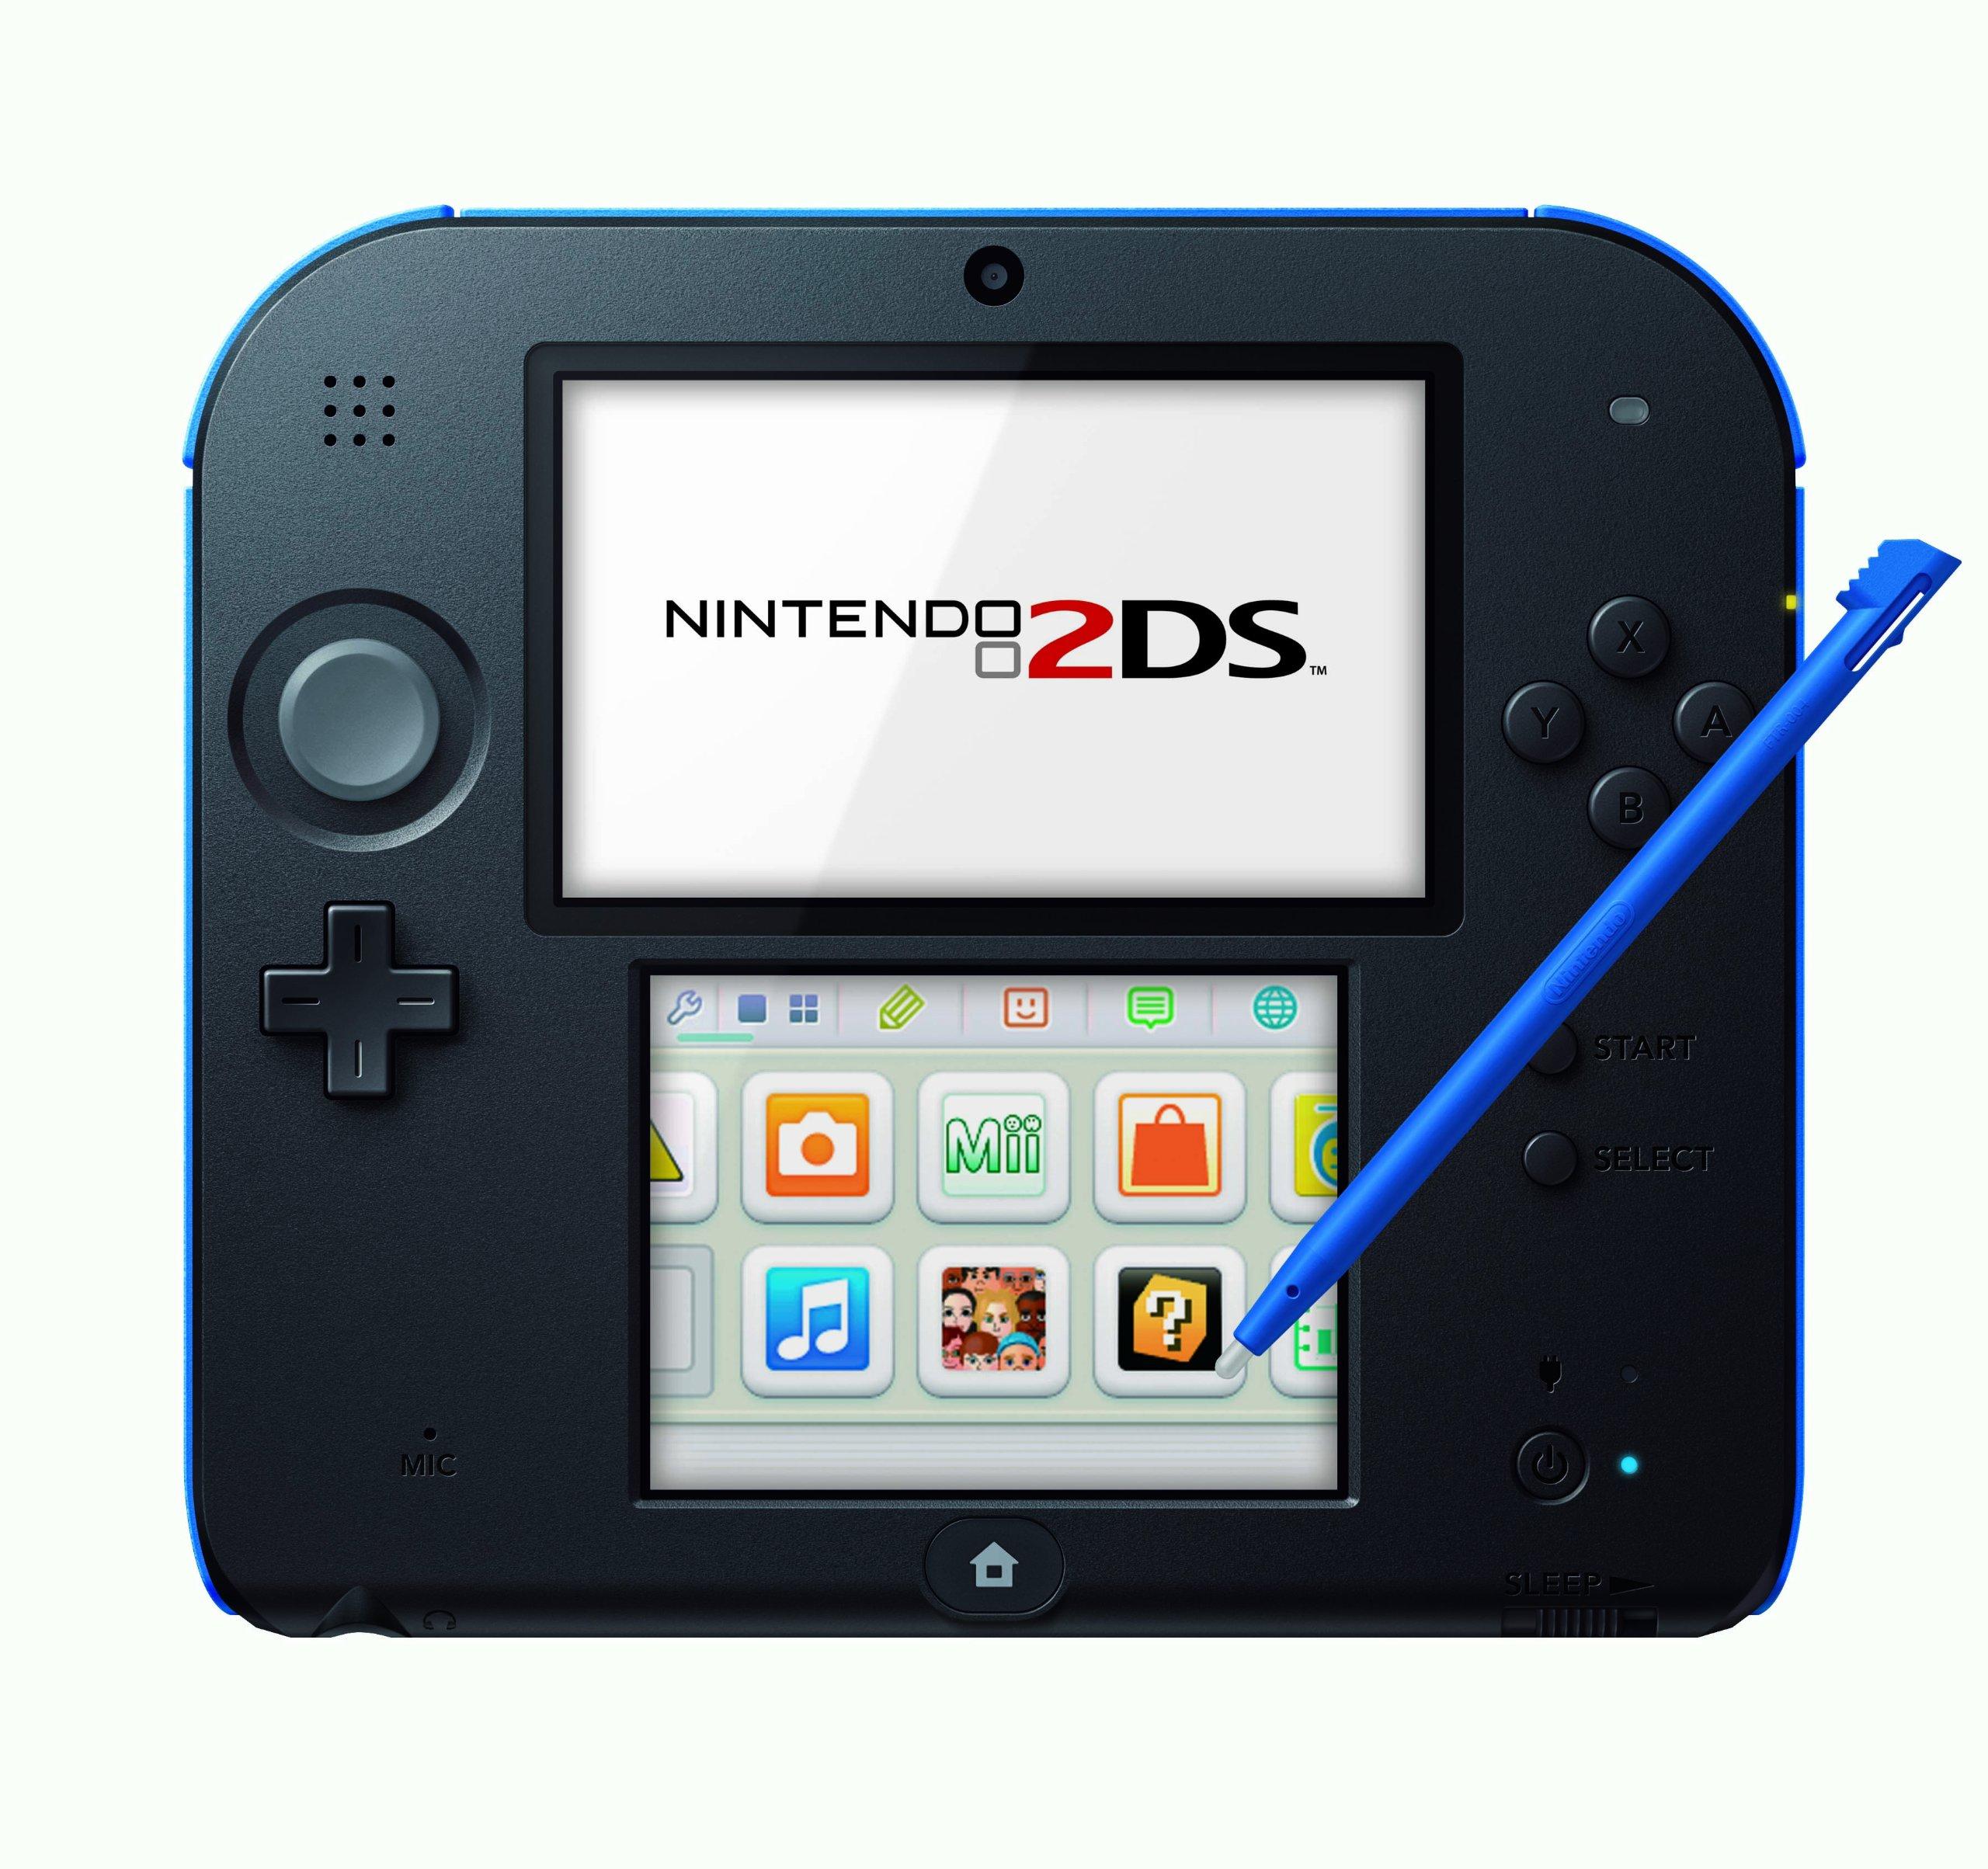 Nintendo 2DS - Consola, Color Azul Y Negro: Amazon.es: Videojuegos